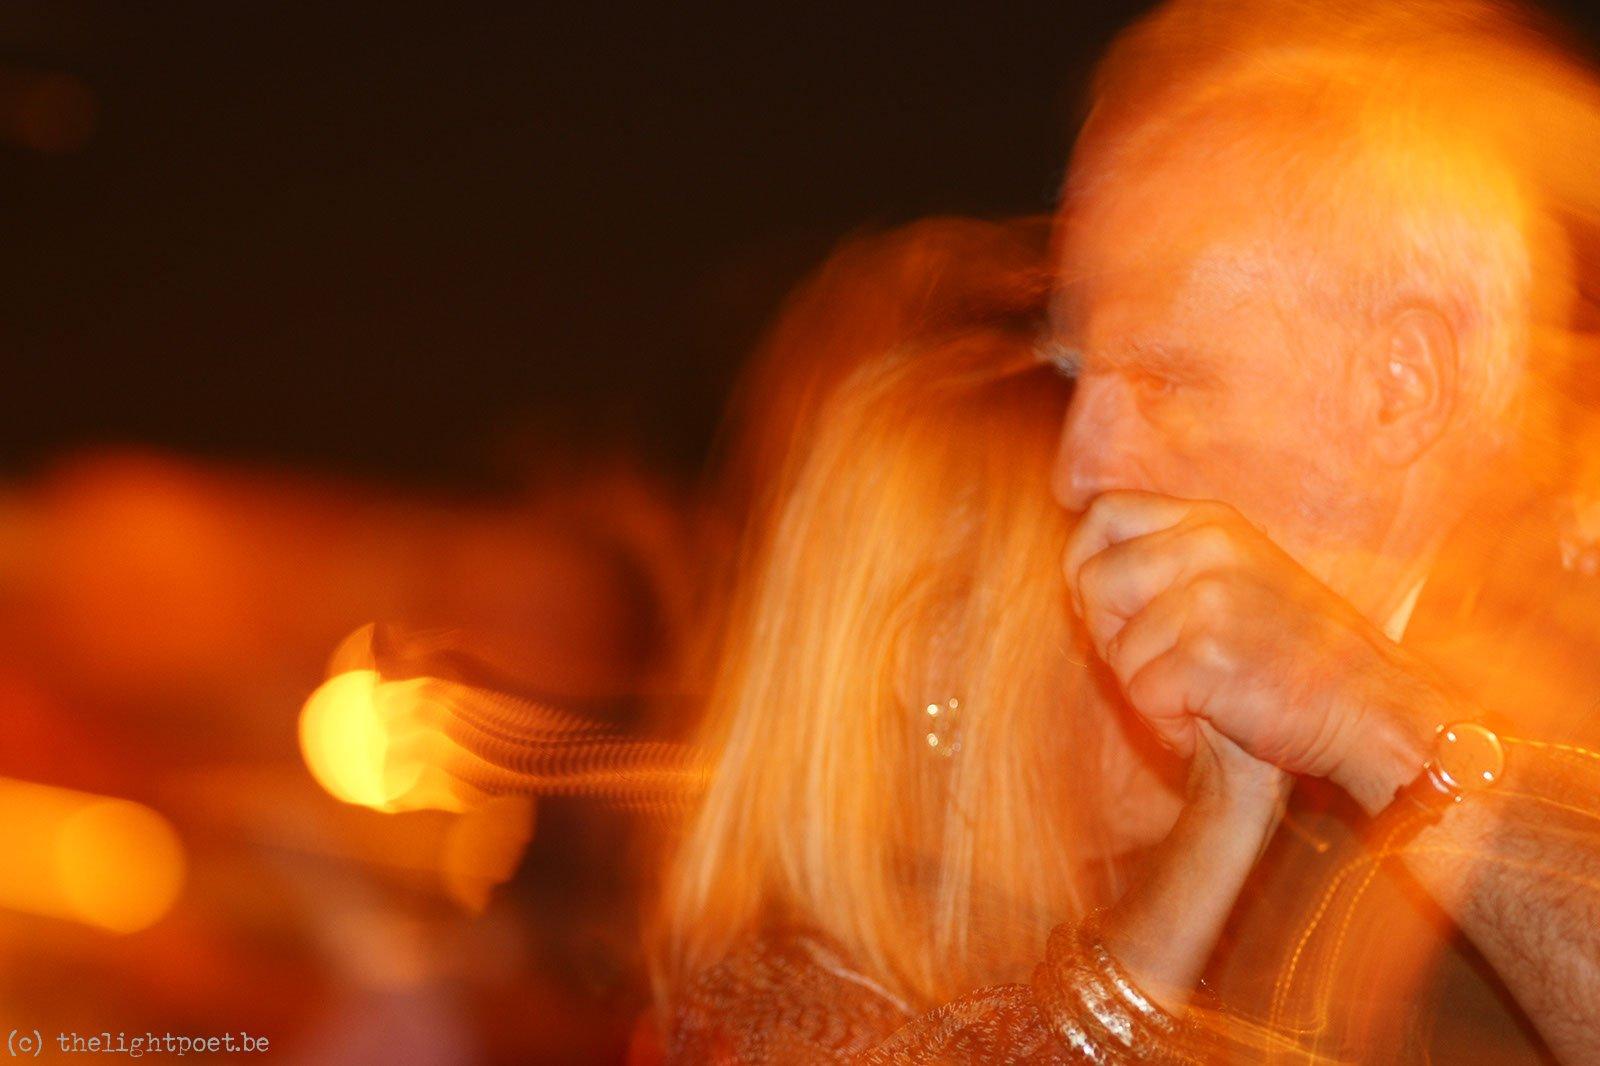 2009_08_tangobijmaanlicht_20090825_205350